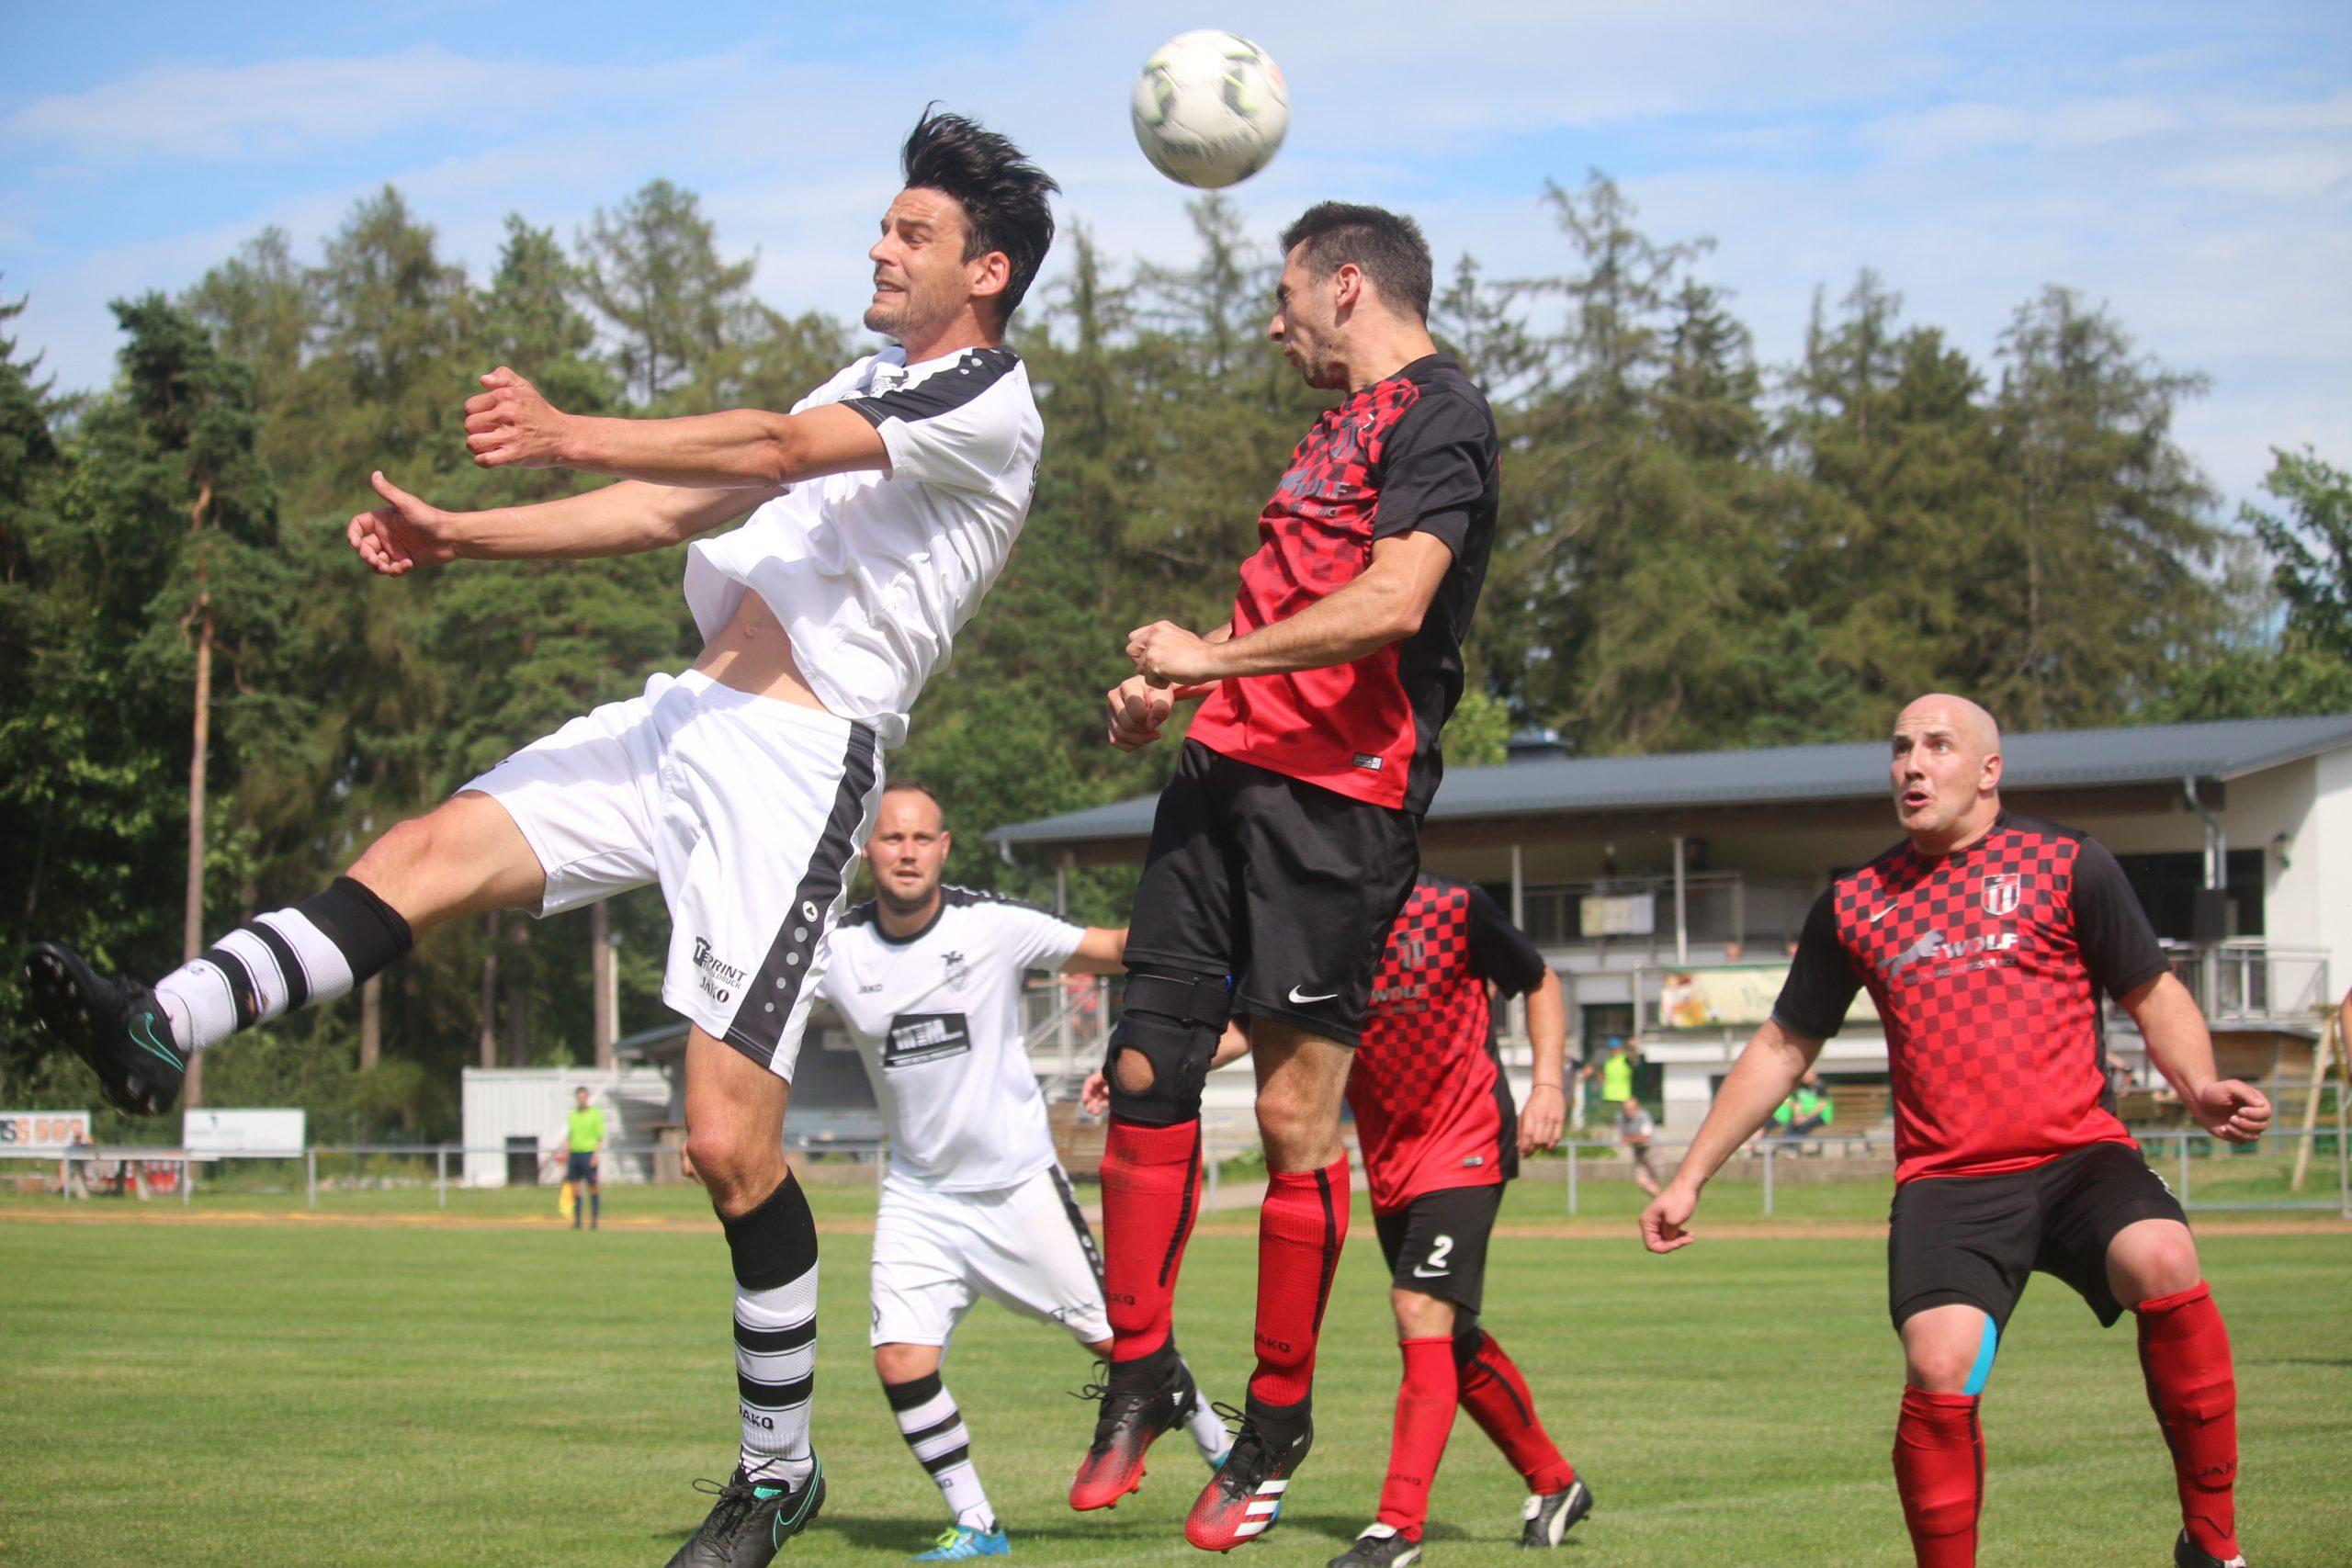 Team Rabenfront: Spielbericht des Finales um den Sternquell Vogtlandpokal 2020